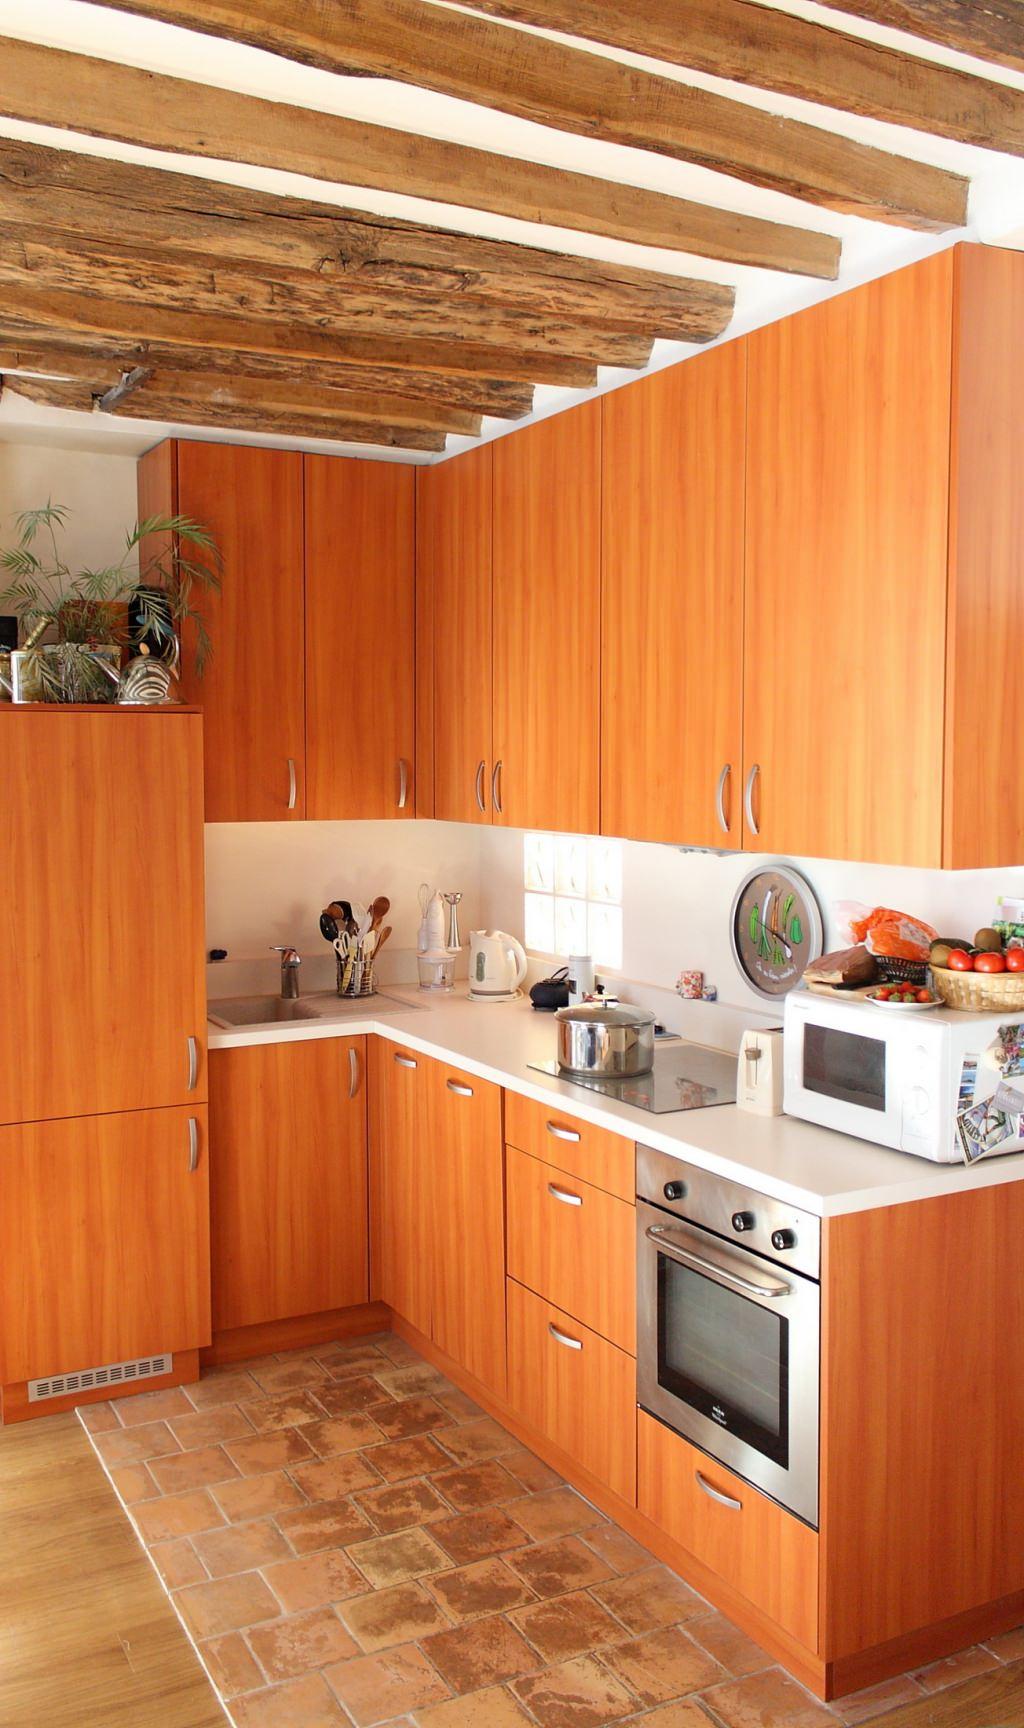 Mobilier sur mesure lynium metz cuisines for H h createur de meubles